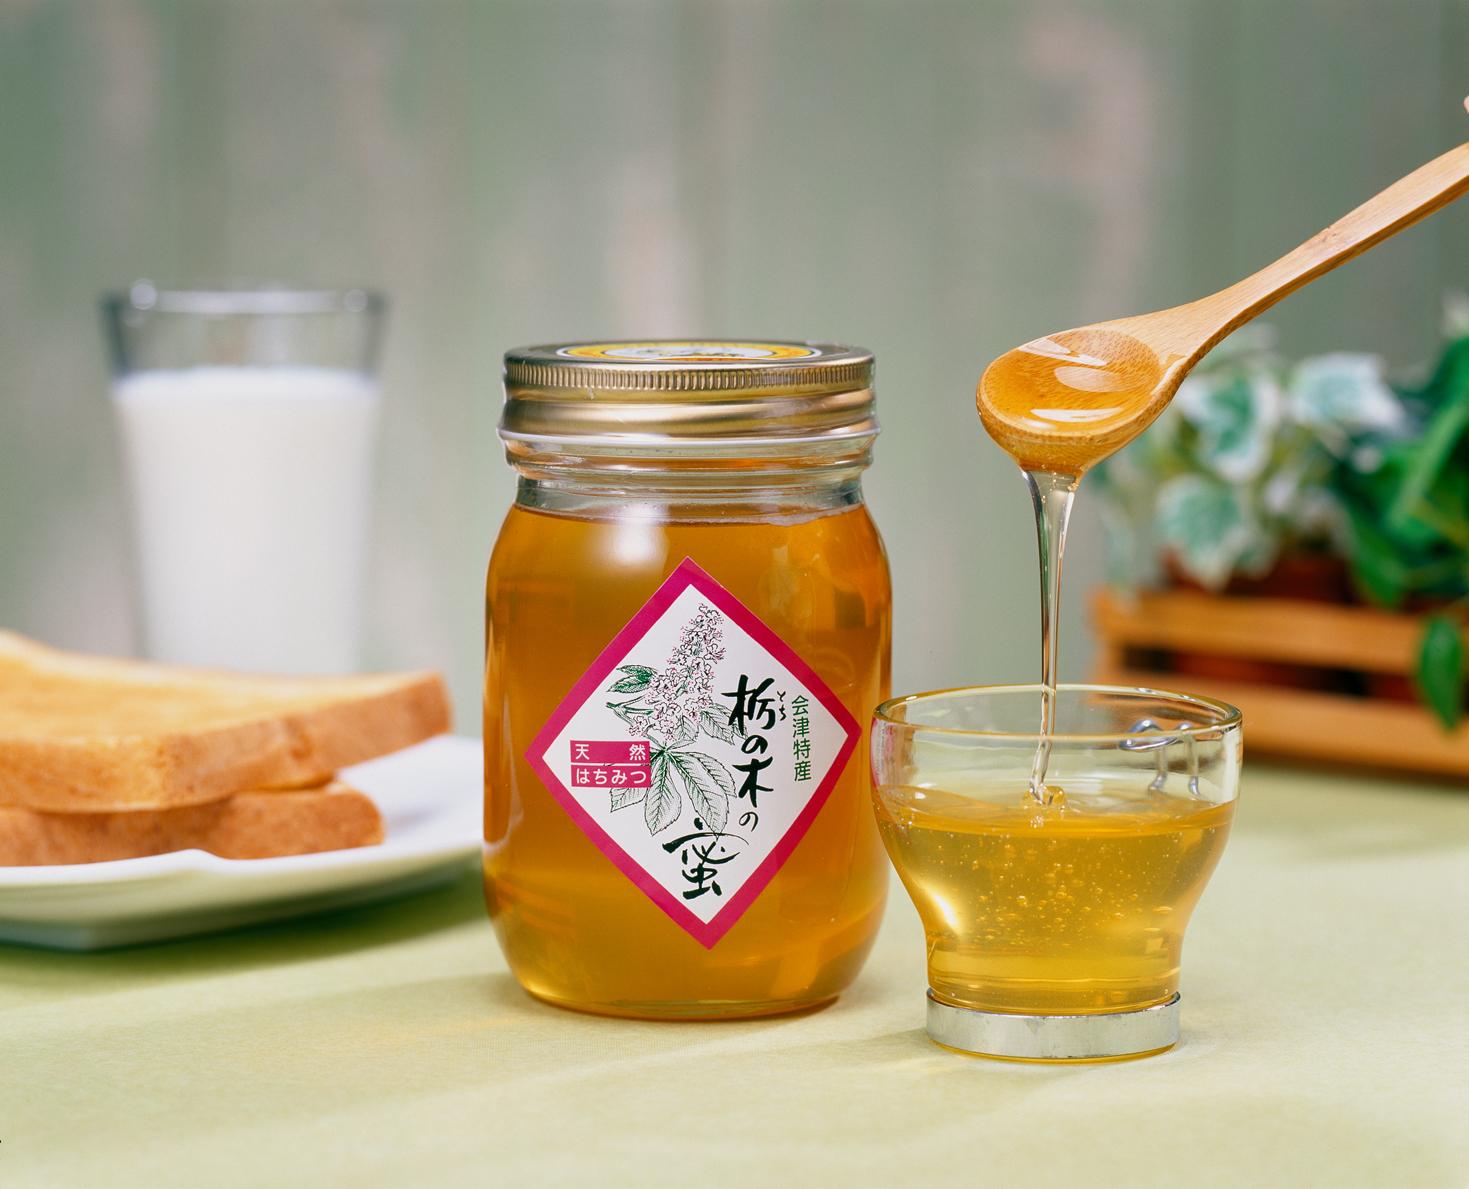 栃の木の蜜